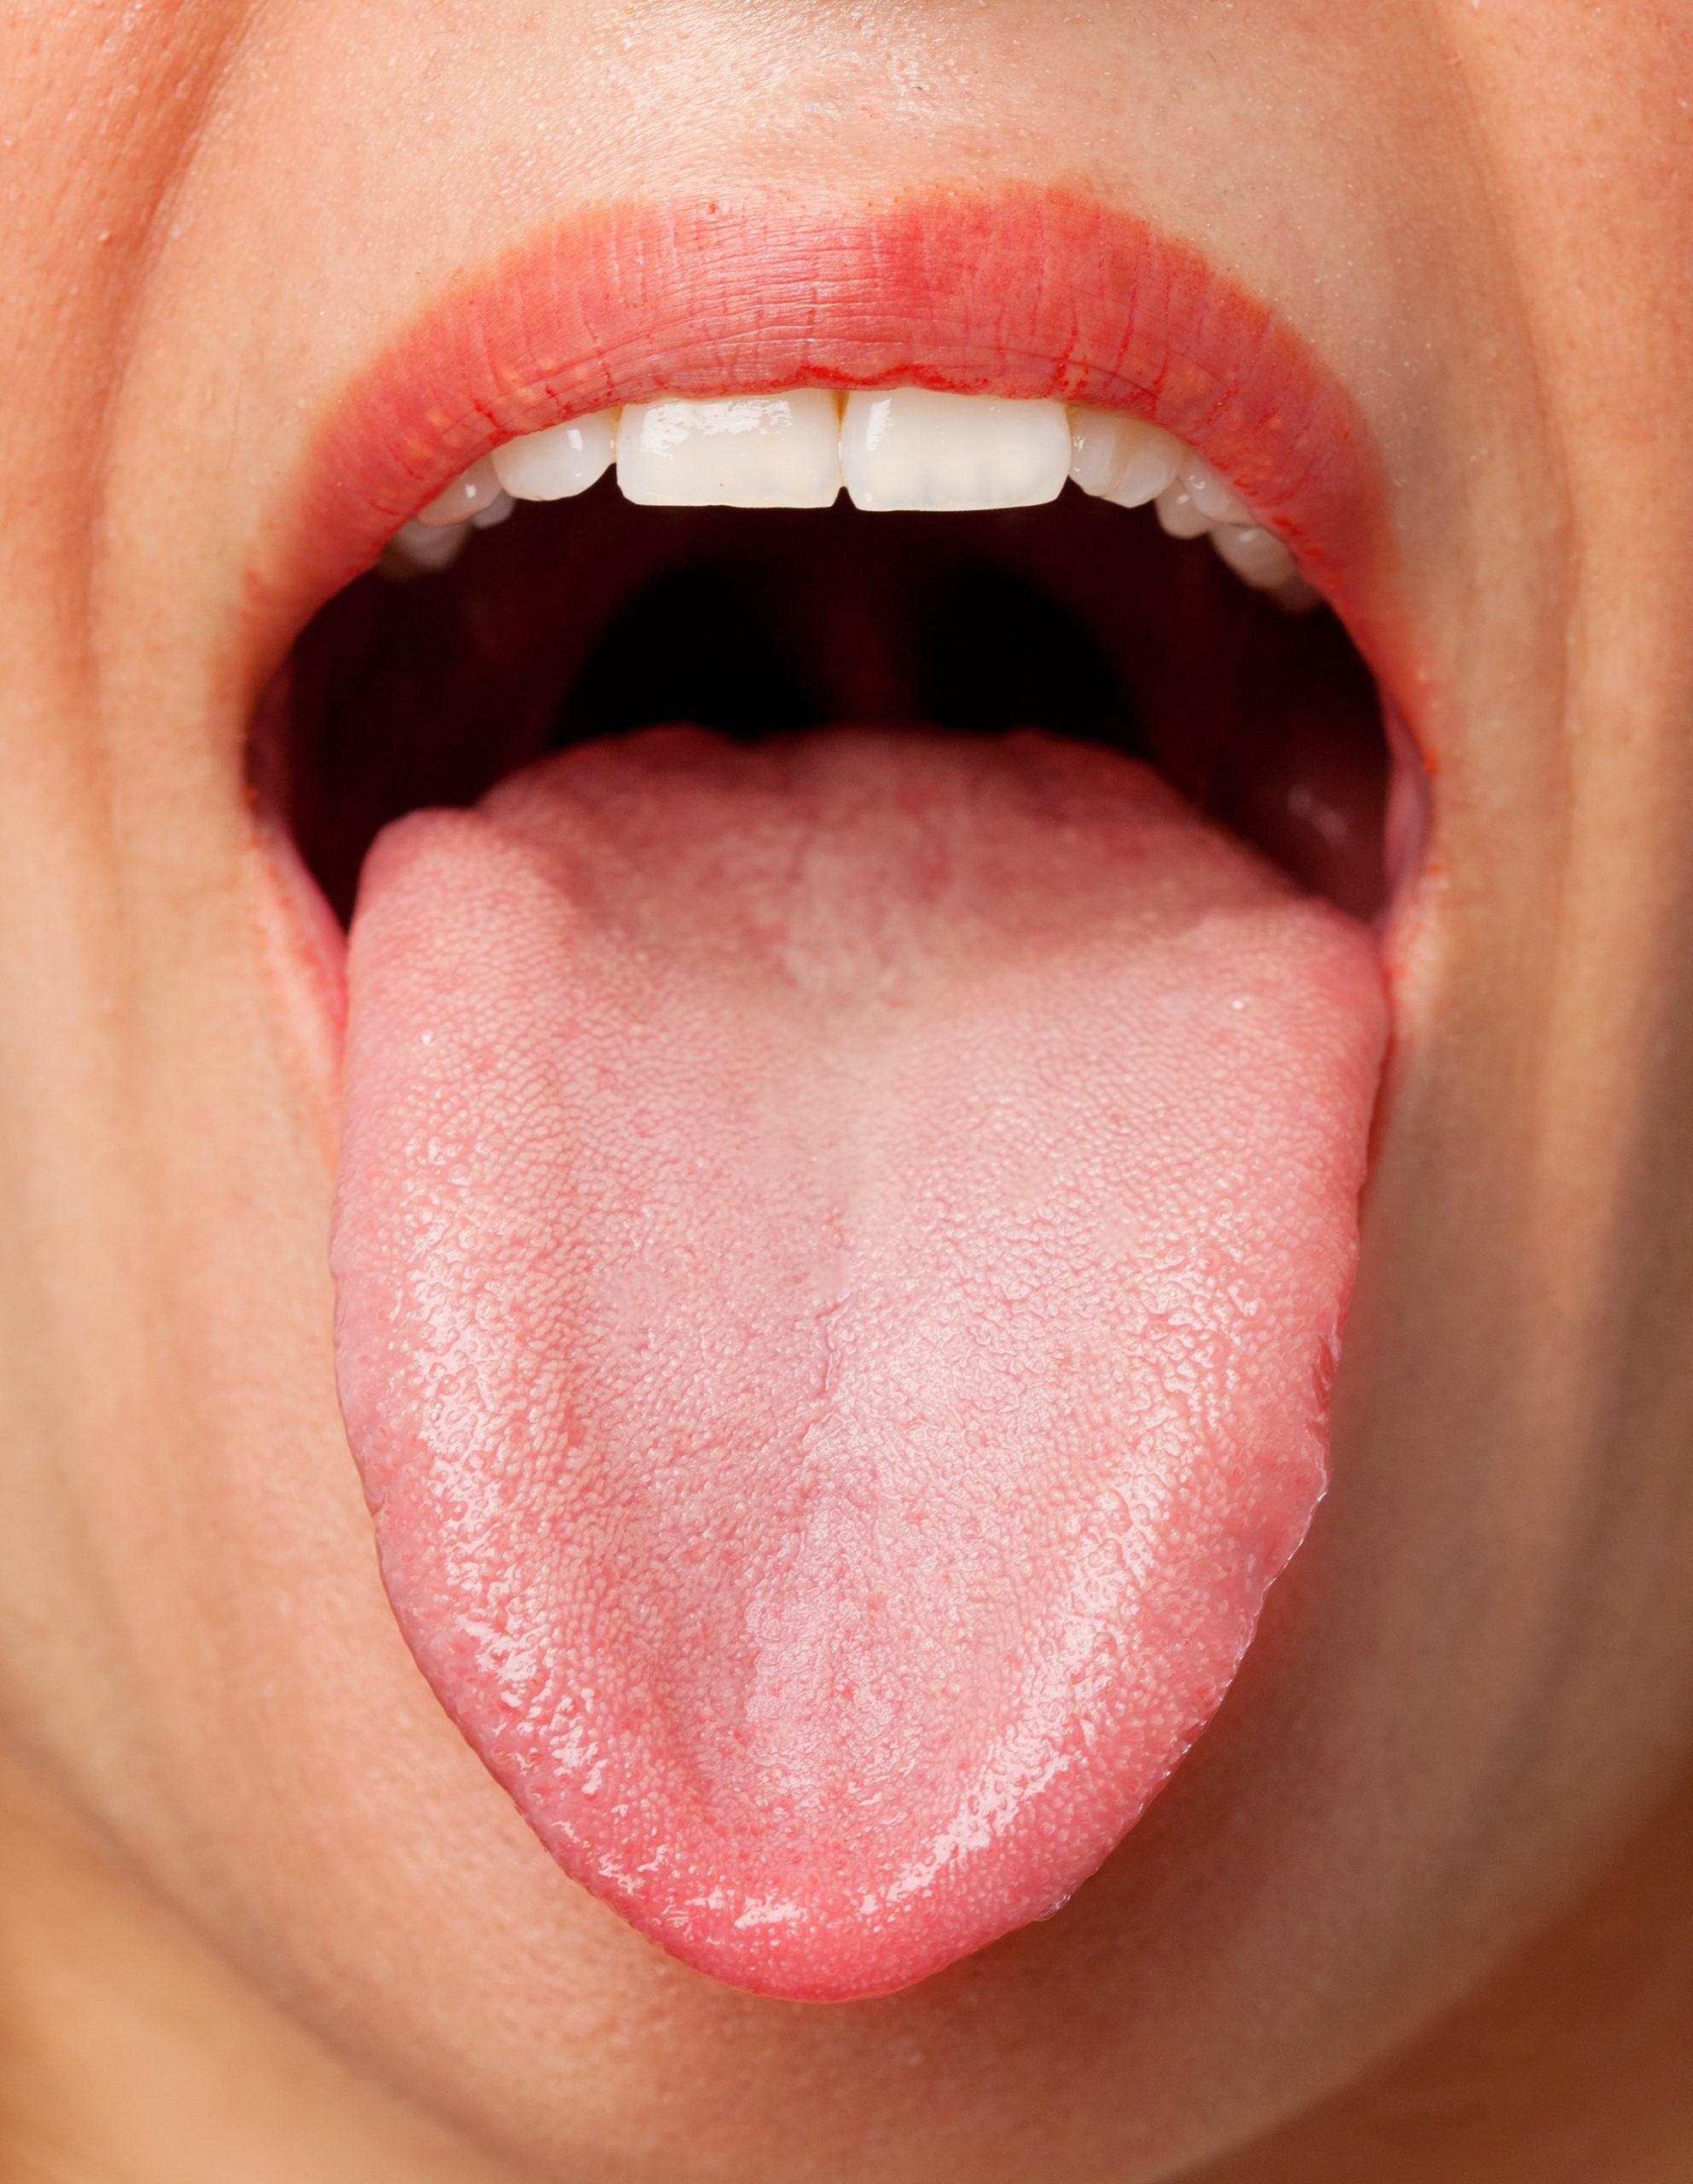 Wunderwerk Mensch! Wusstest du schon, dass...unsere Zunge das am schnellsten heilende Körperteil ist?